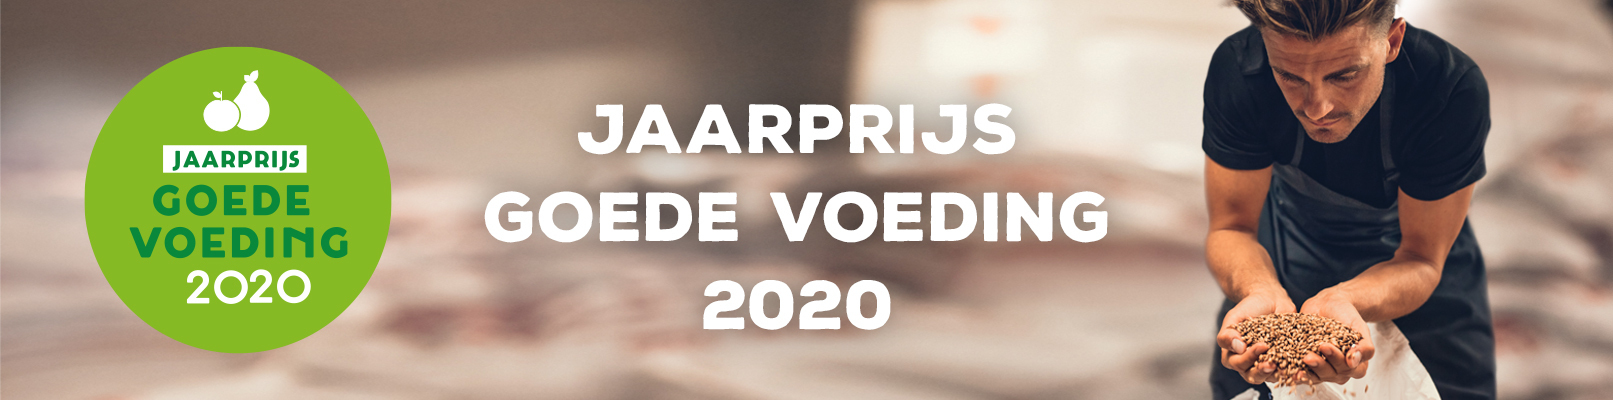 Jaarprijs Goede Voeding 2020